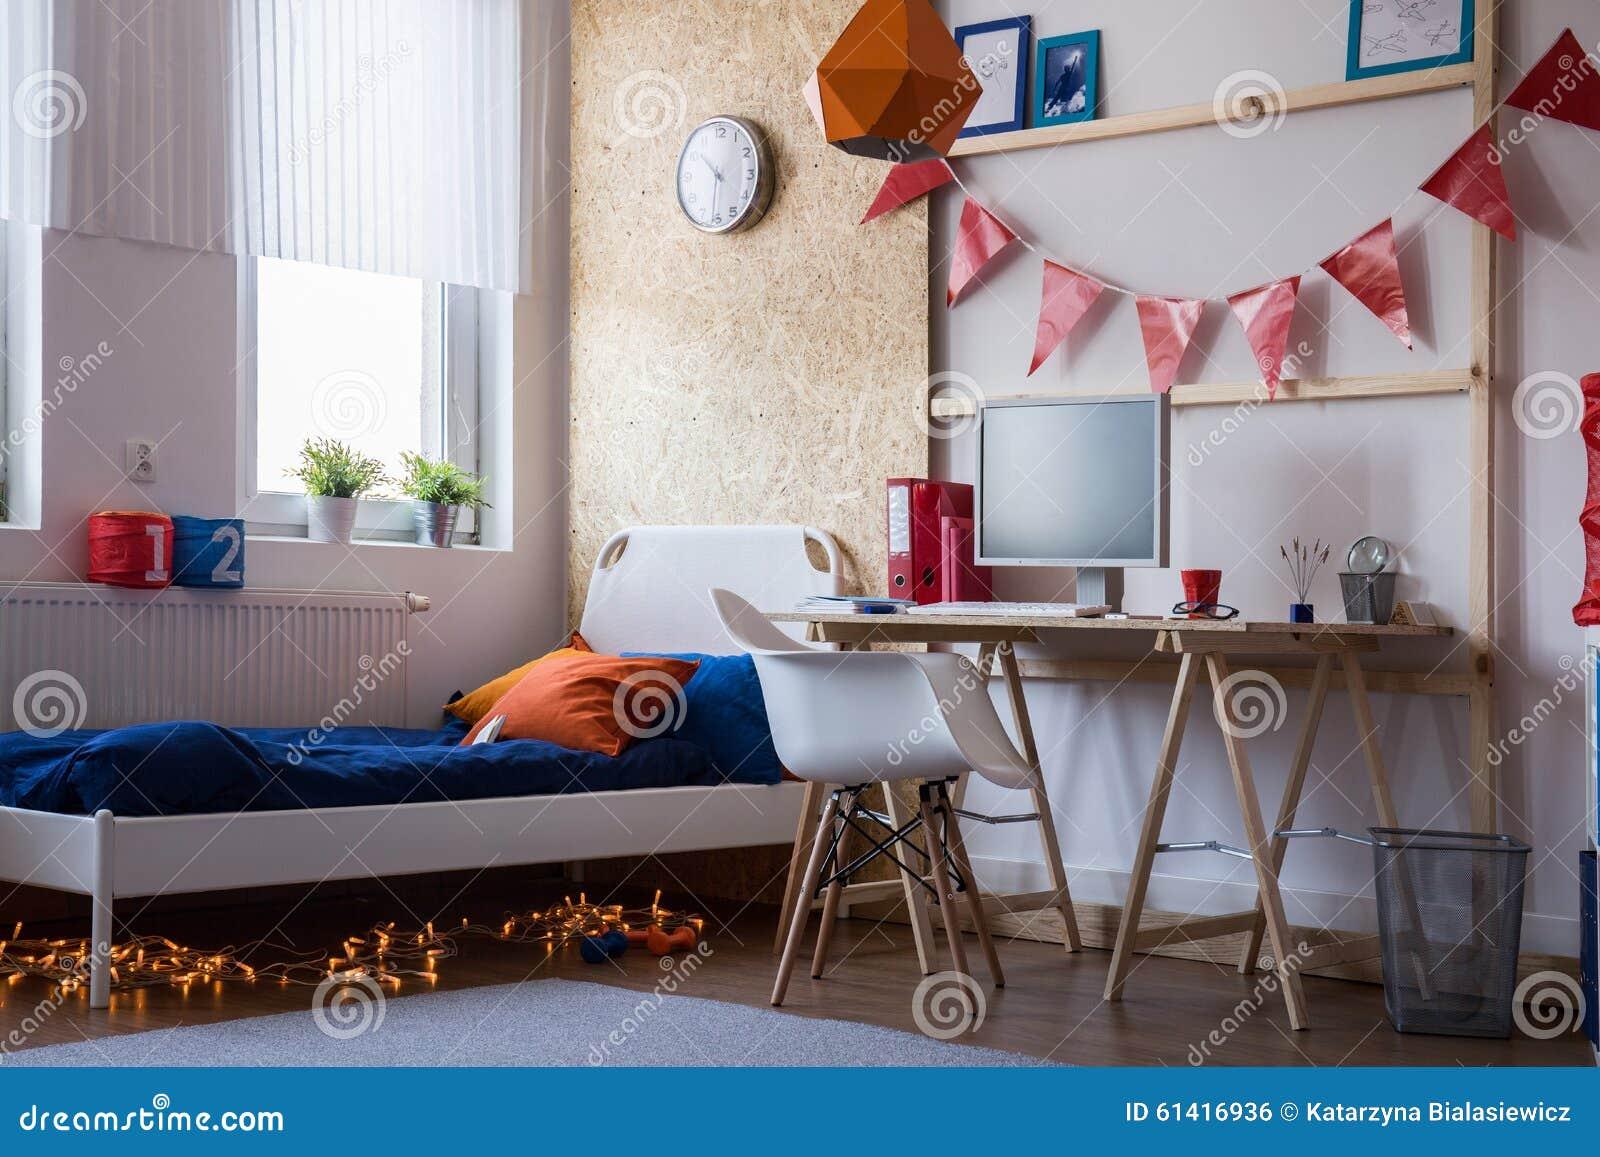 Camera da letto moderna per il ragazzo teenager fotografia - Camere da letto per teenager ...